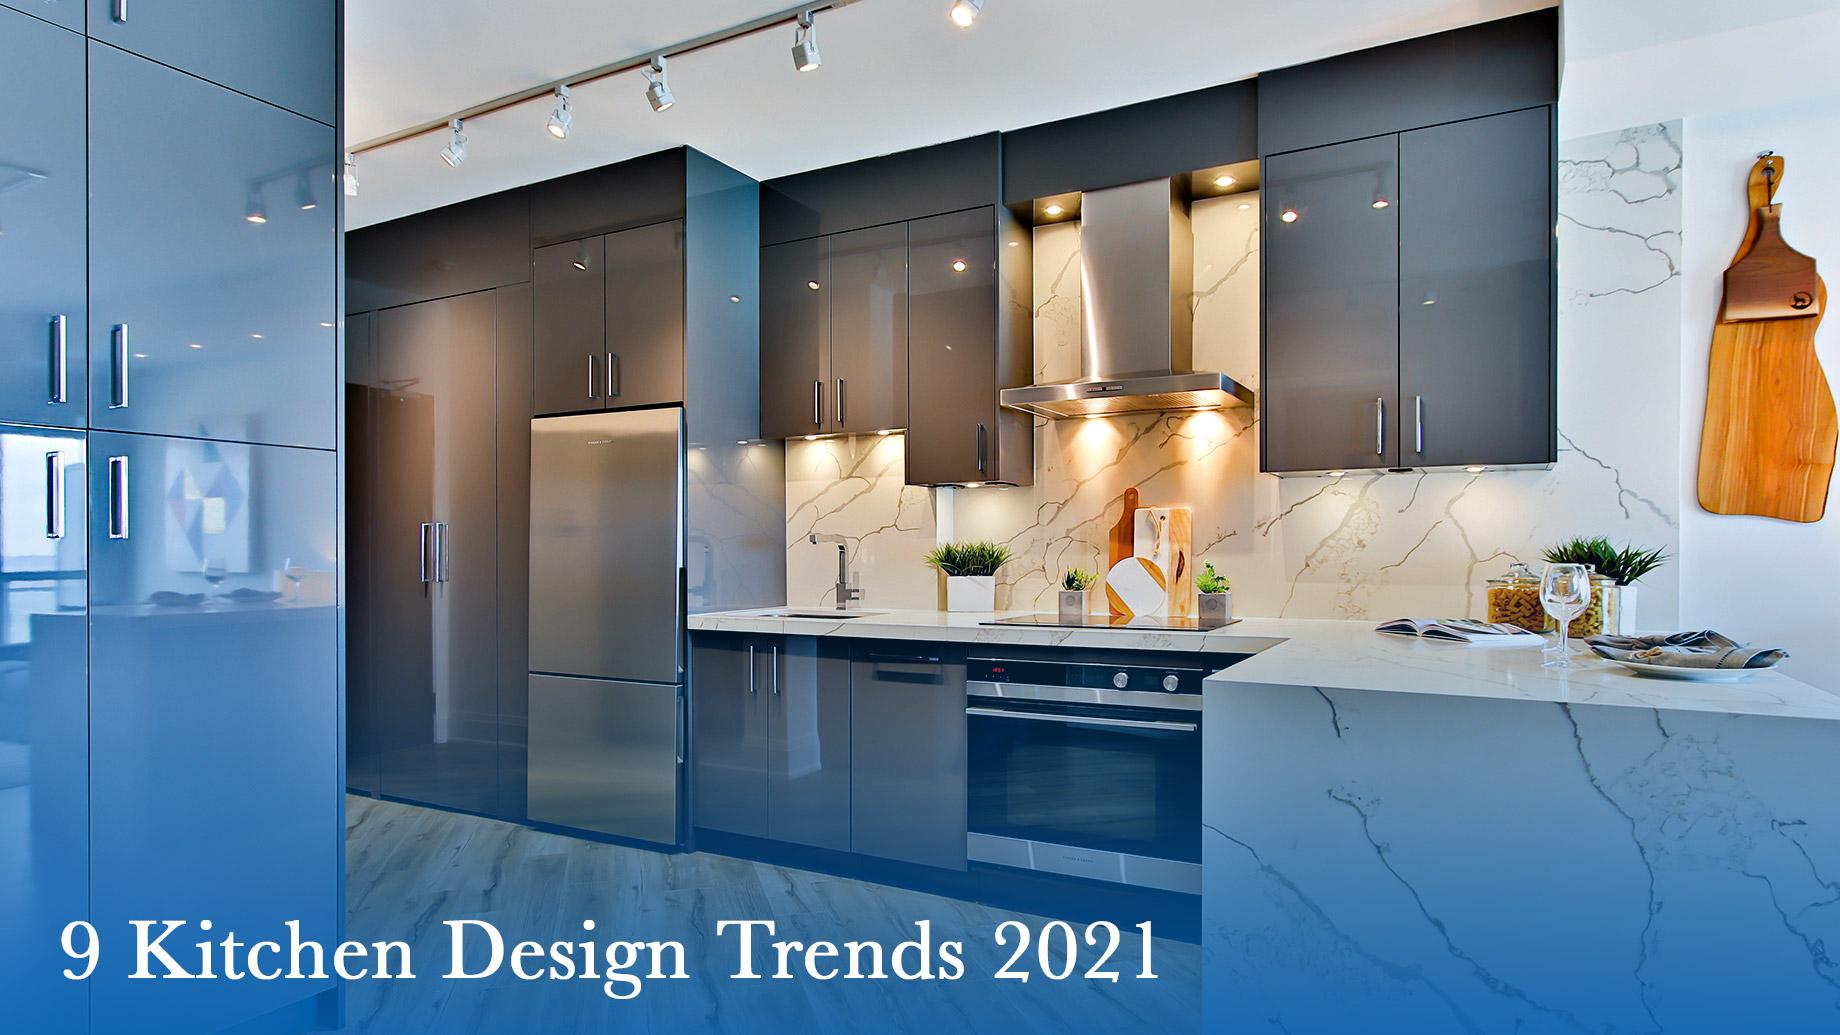 On Point - 9 Kitchen Design Trends 2021